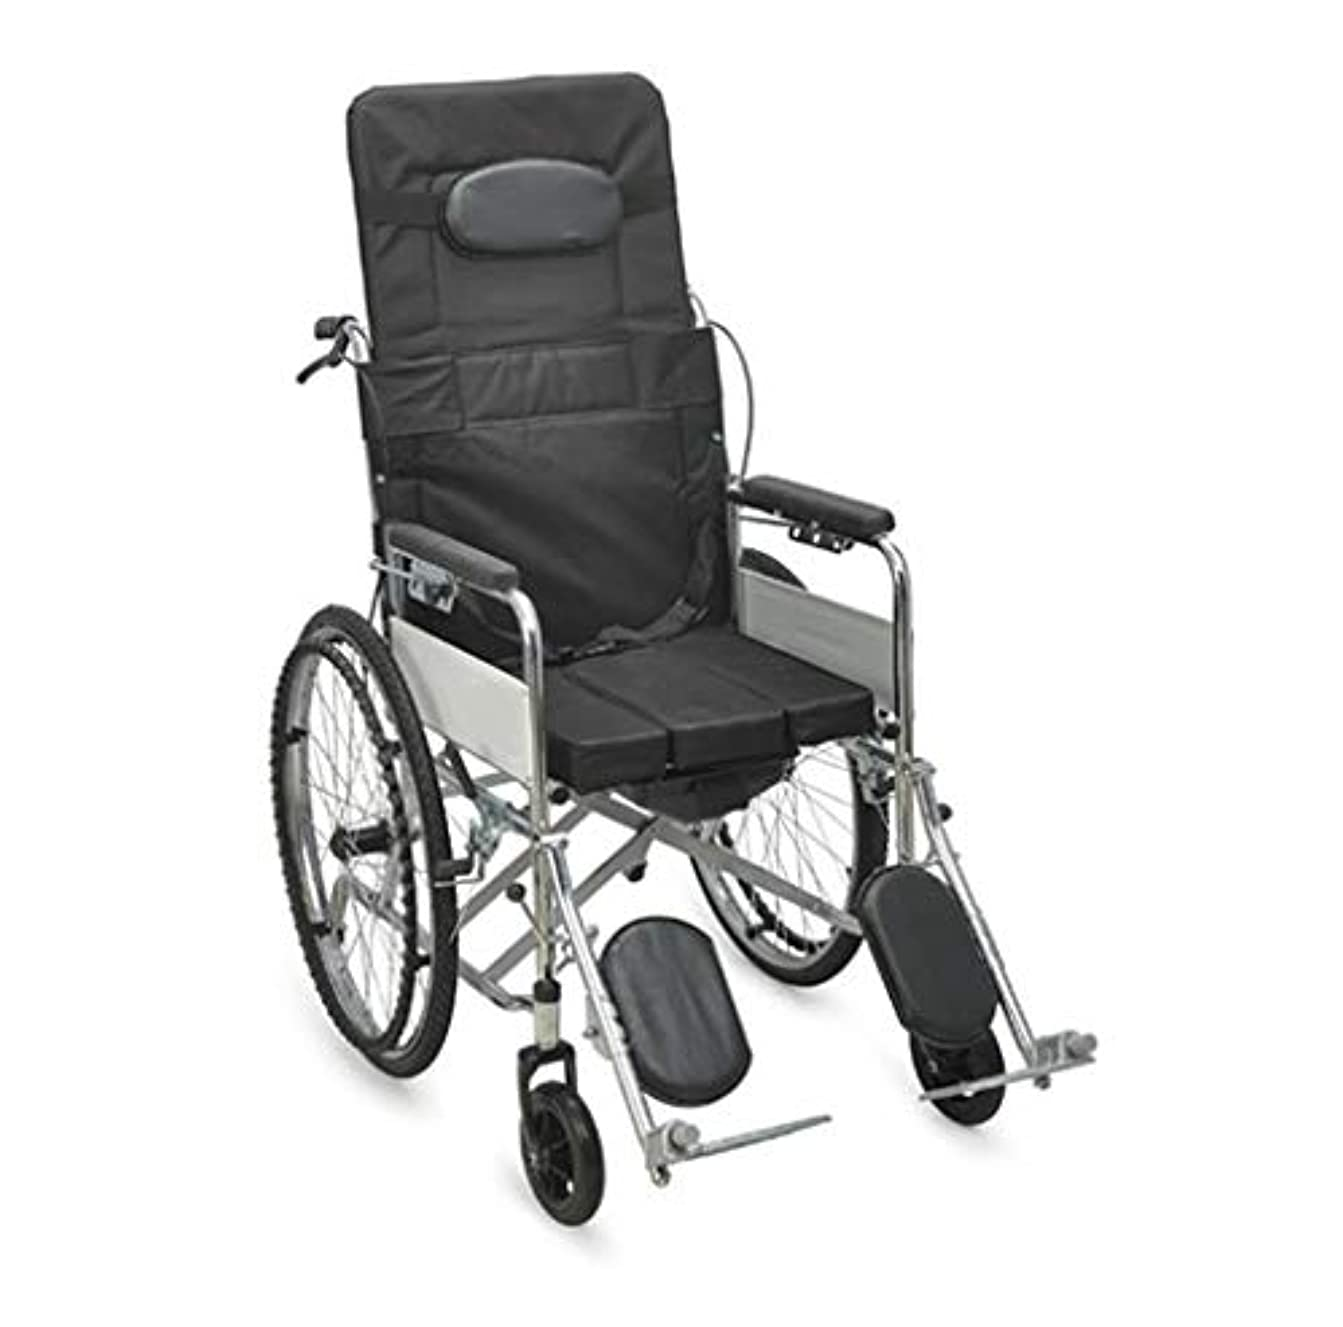 部分補う救出自走式車椅子、高齢者に適した軽量モバイルデバイス、身体障害者および身体障害者用、ポータブル車椅子